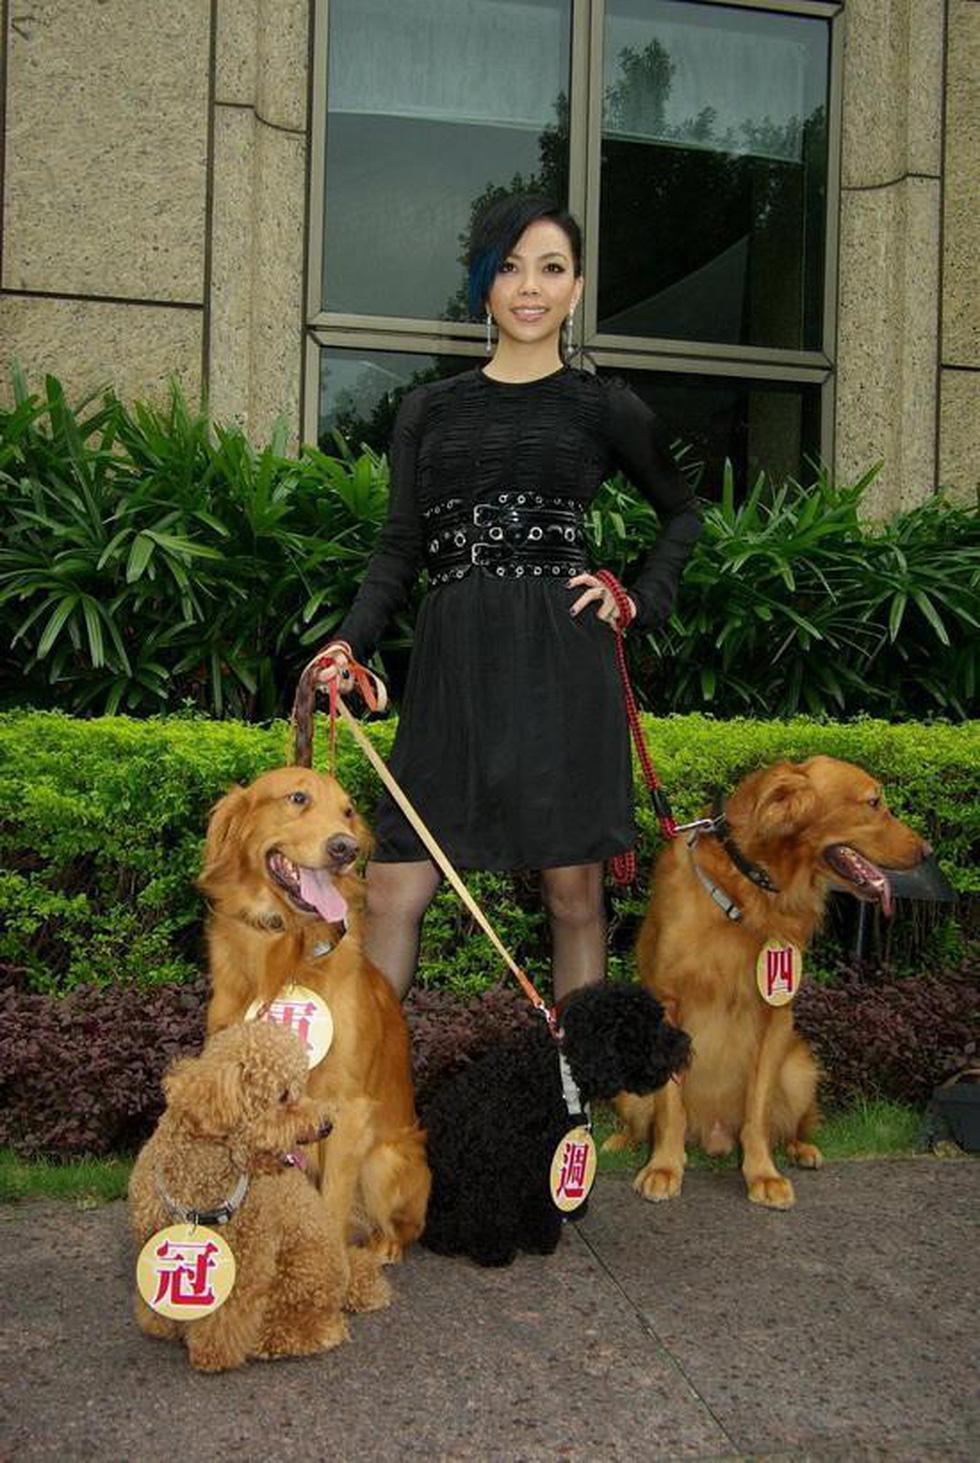 Điểm danh các nghệ sĩ Hoa ngữ tình nguyện làm sen cho chó - Ảnh 4.